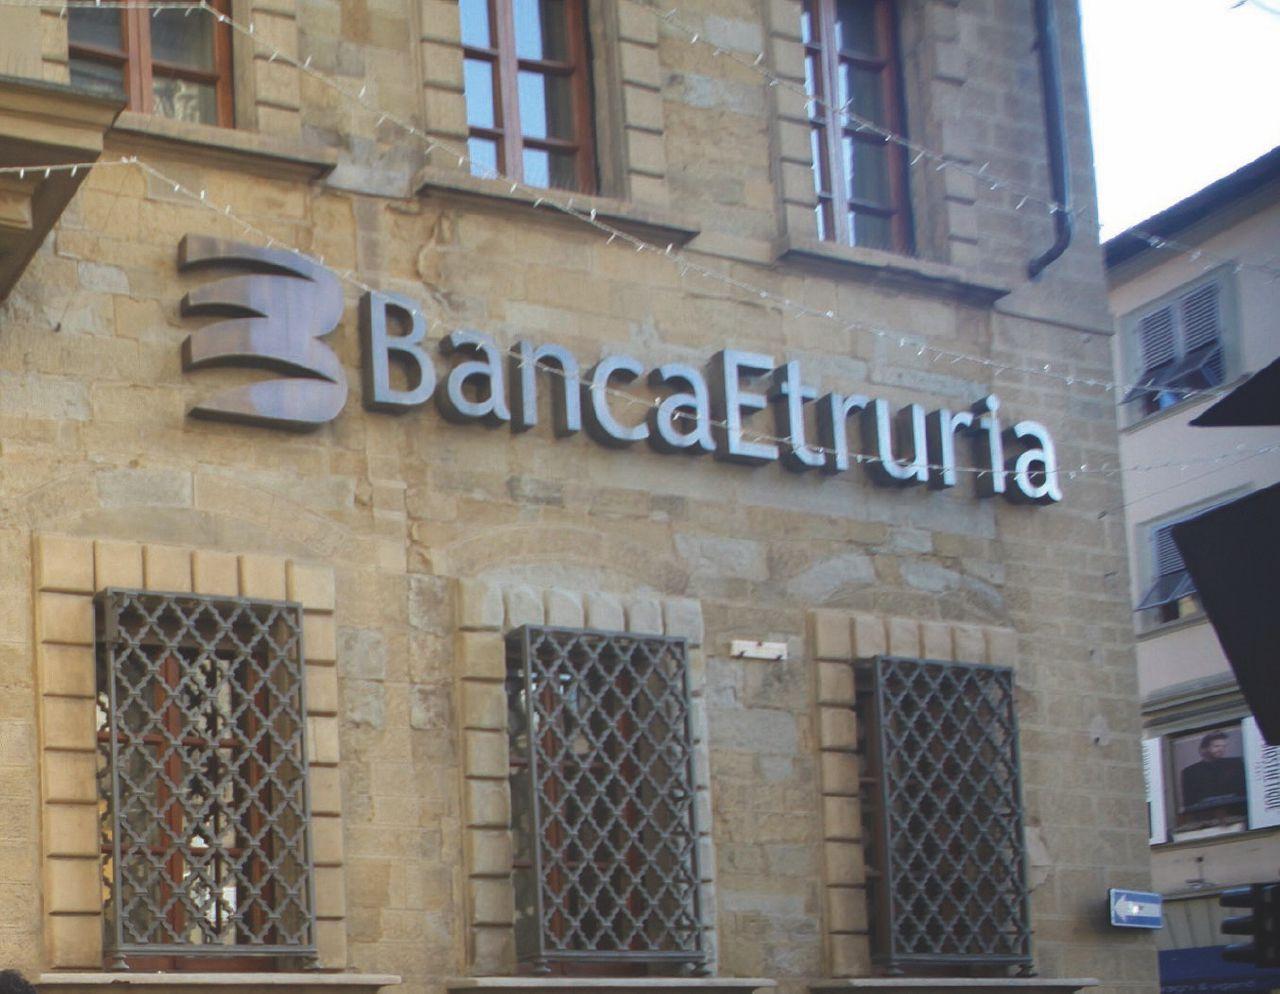 In Edicola sul Fatto Quotidiano del 14 maggio: Nel febbraio 2015 il capo dell'istituto di Montebelluna cerca sponde a Roma